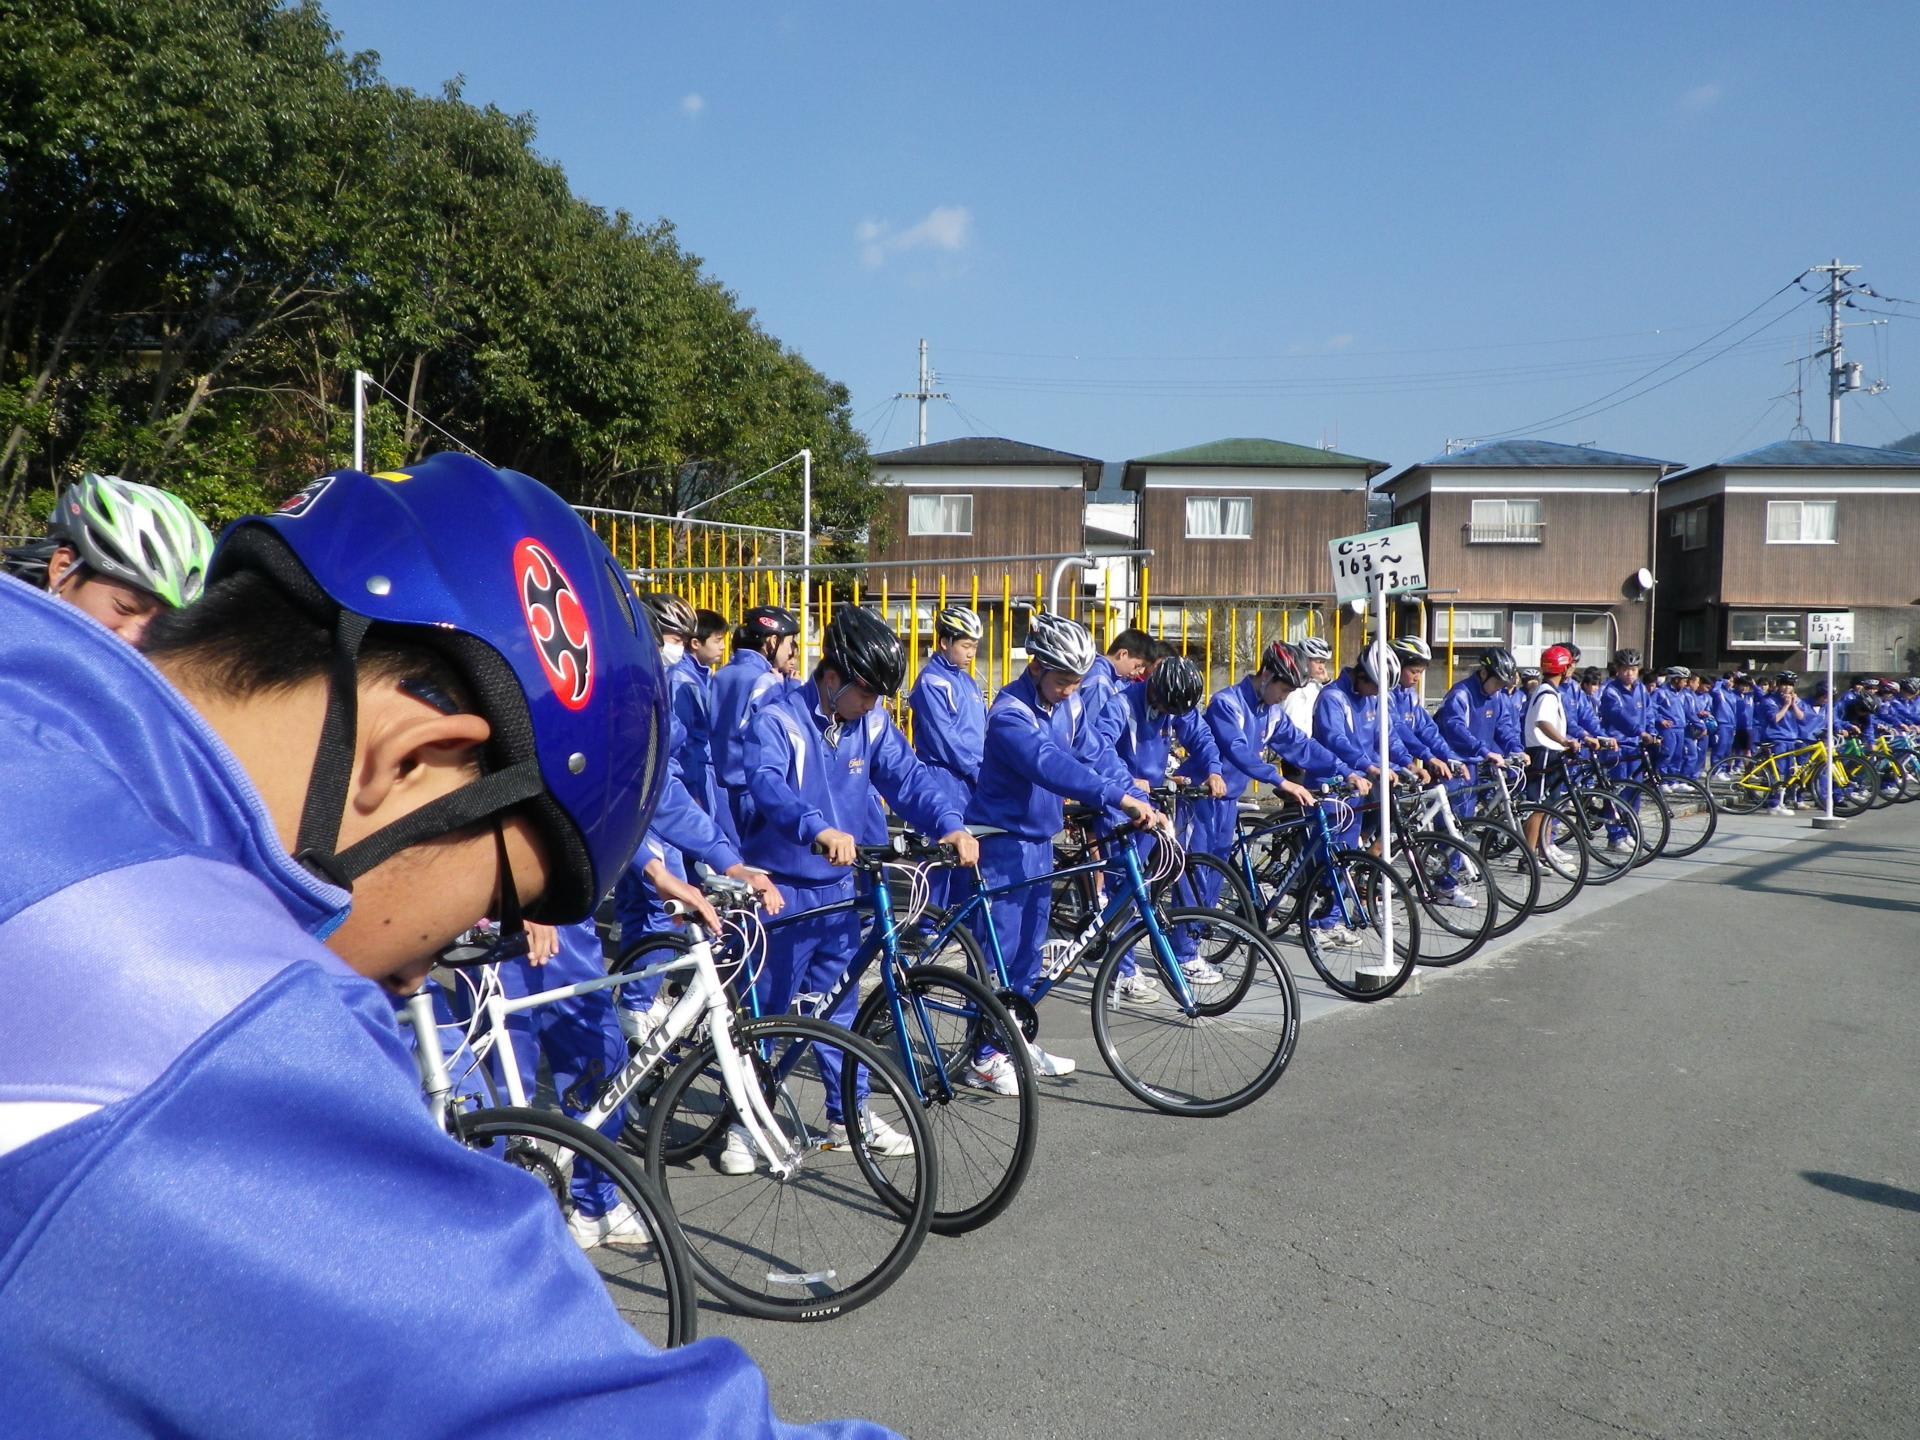 自転車の 愛媛 自転車 チーム : なんか・・ 本当にこんな人数 ...